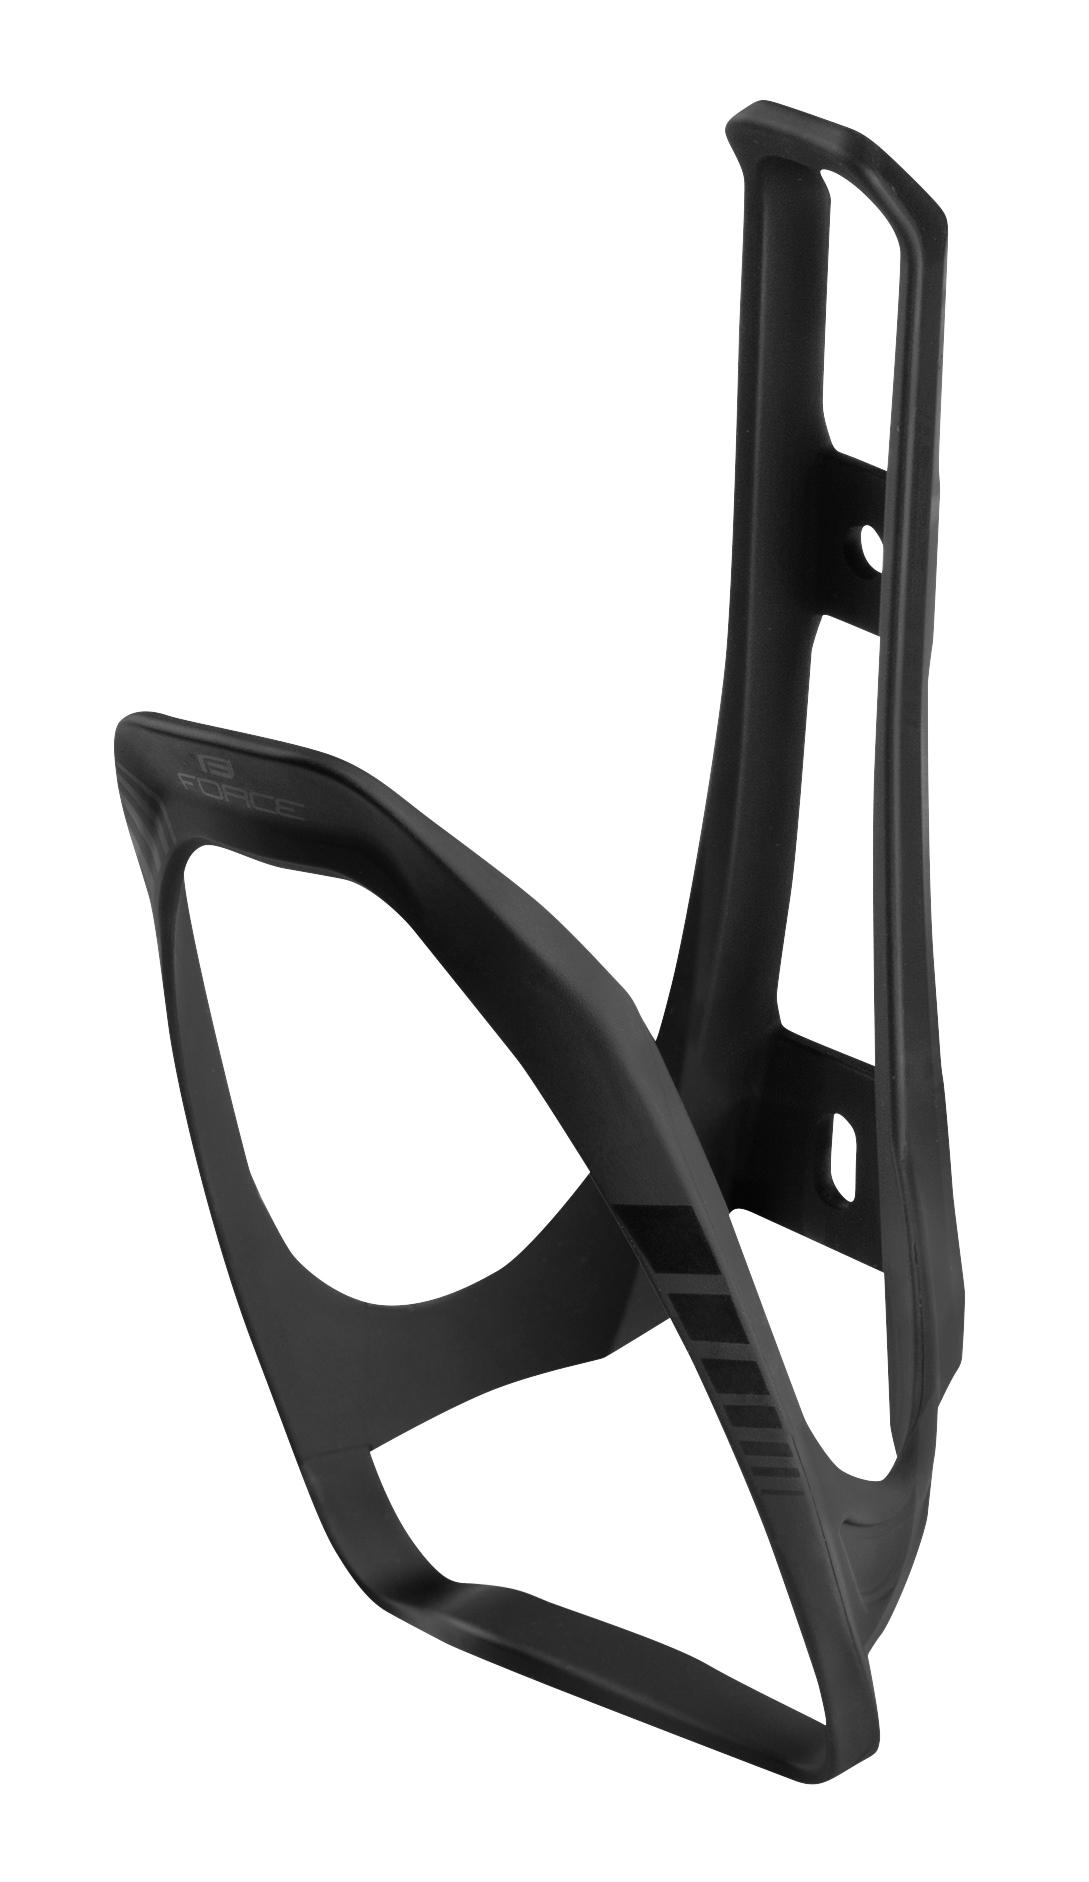 košík láhve FORCE LIMIT plastový, černý matný